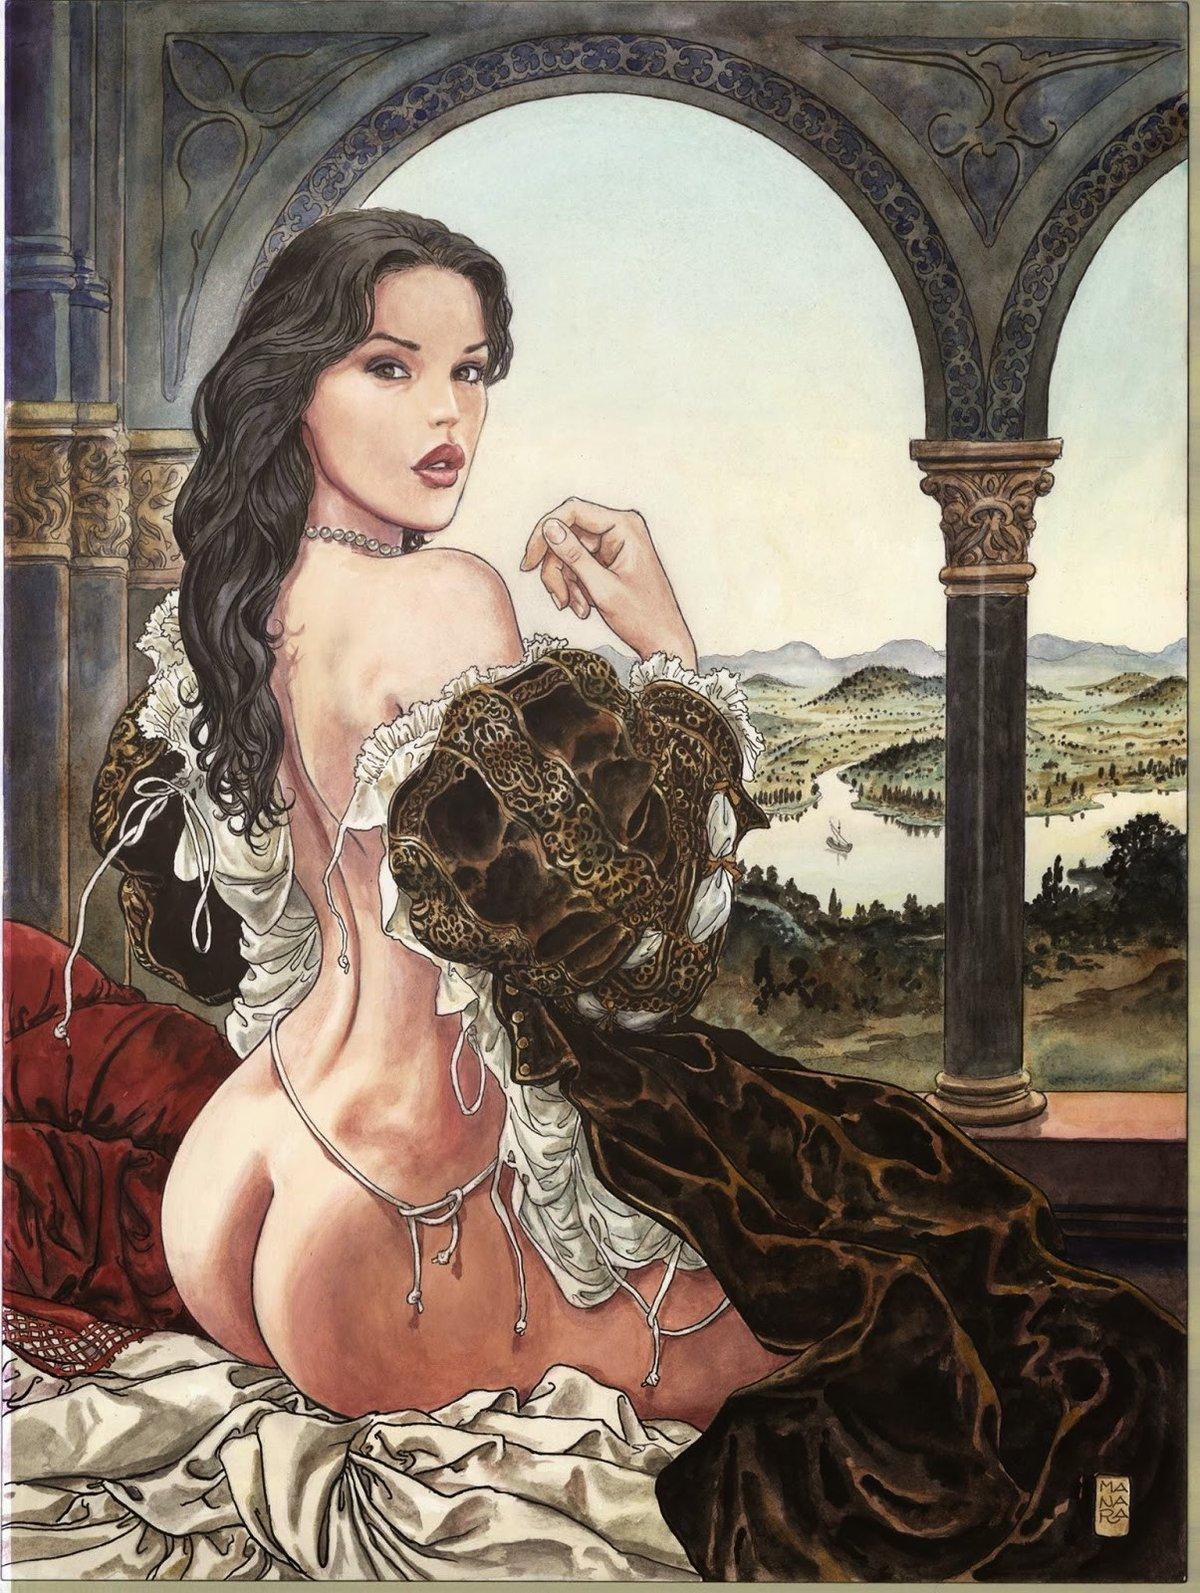 Телки смотрят эксклюзивное рисованное эротика